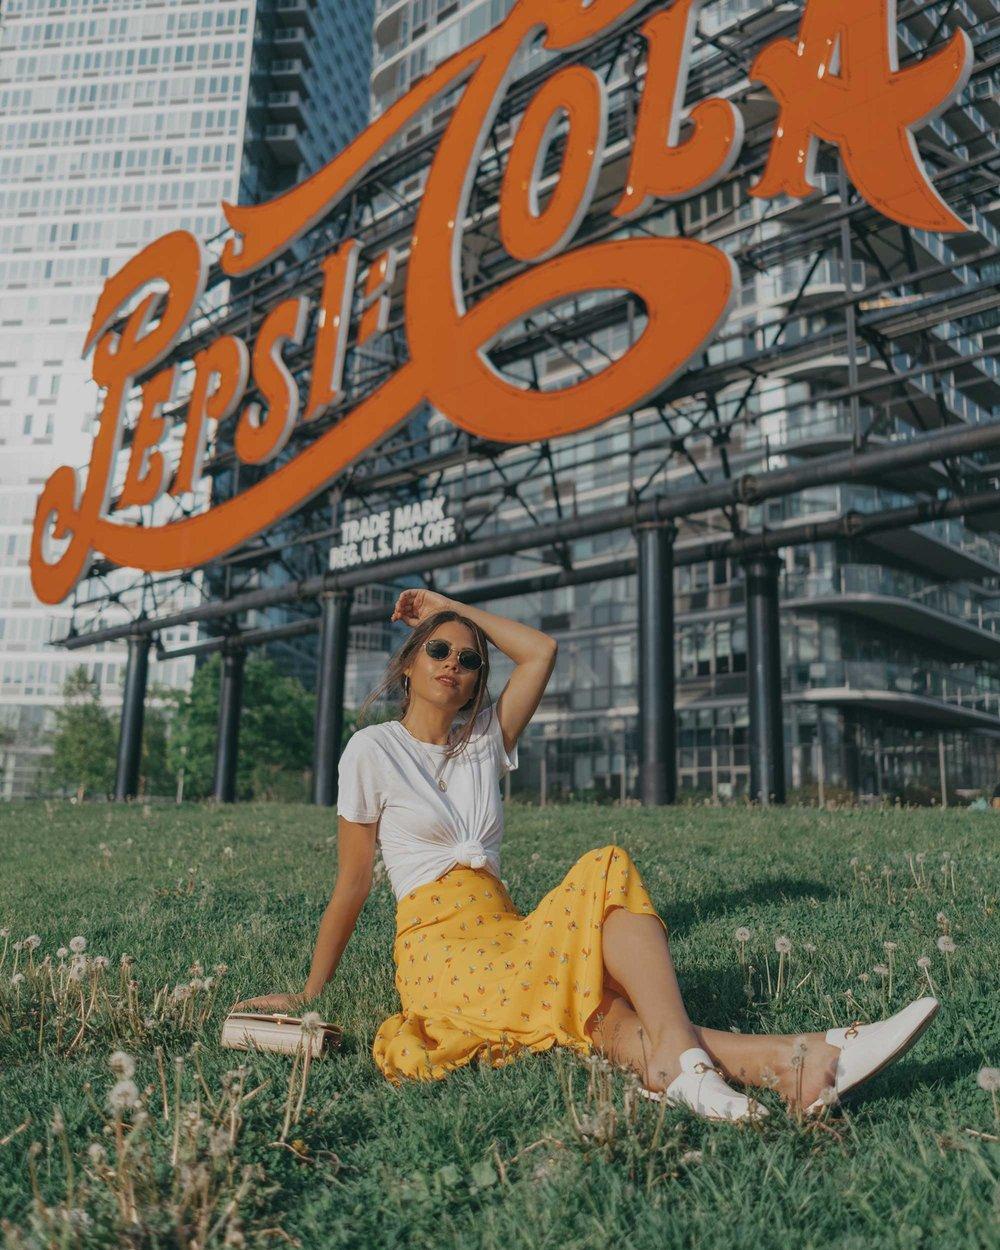 yellow floral midi skirt pepsi cola sign long island city9.jpg